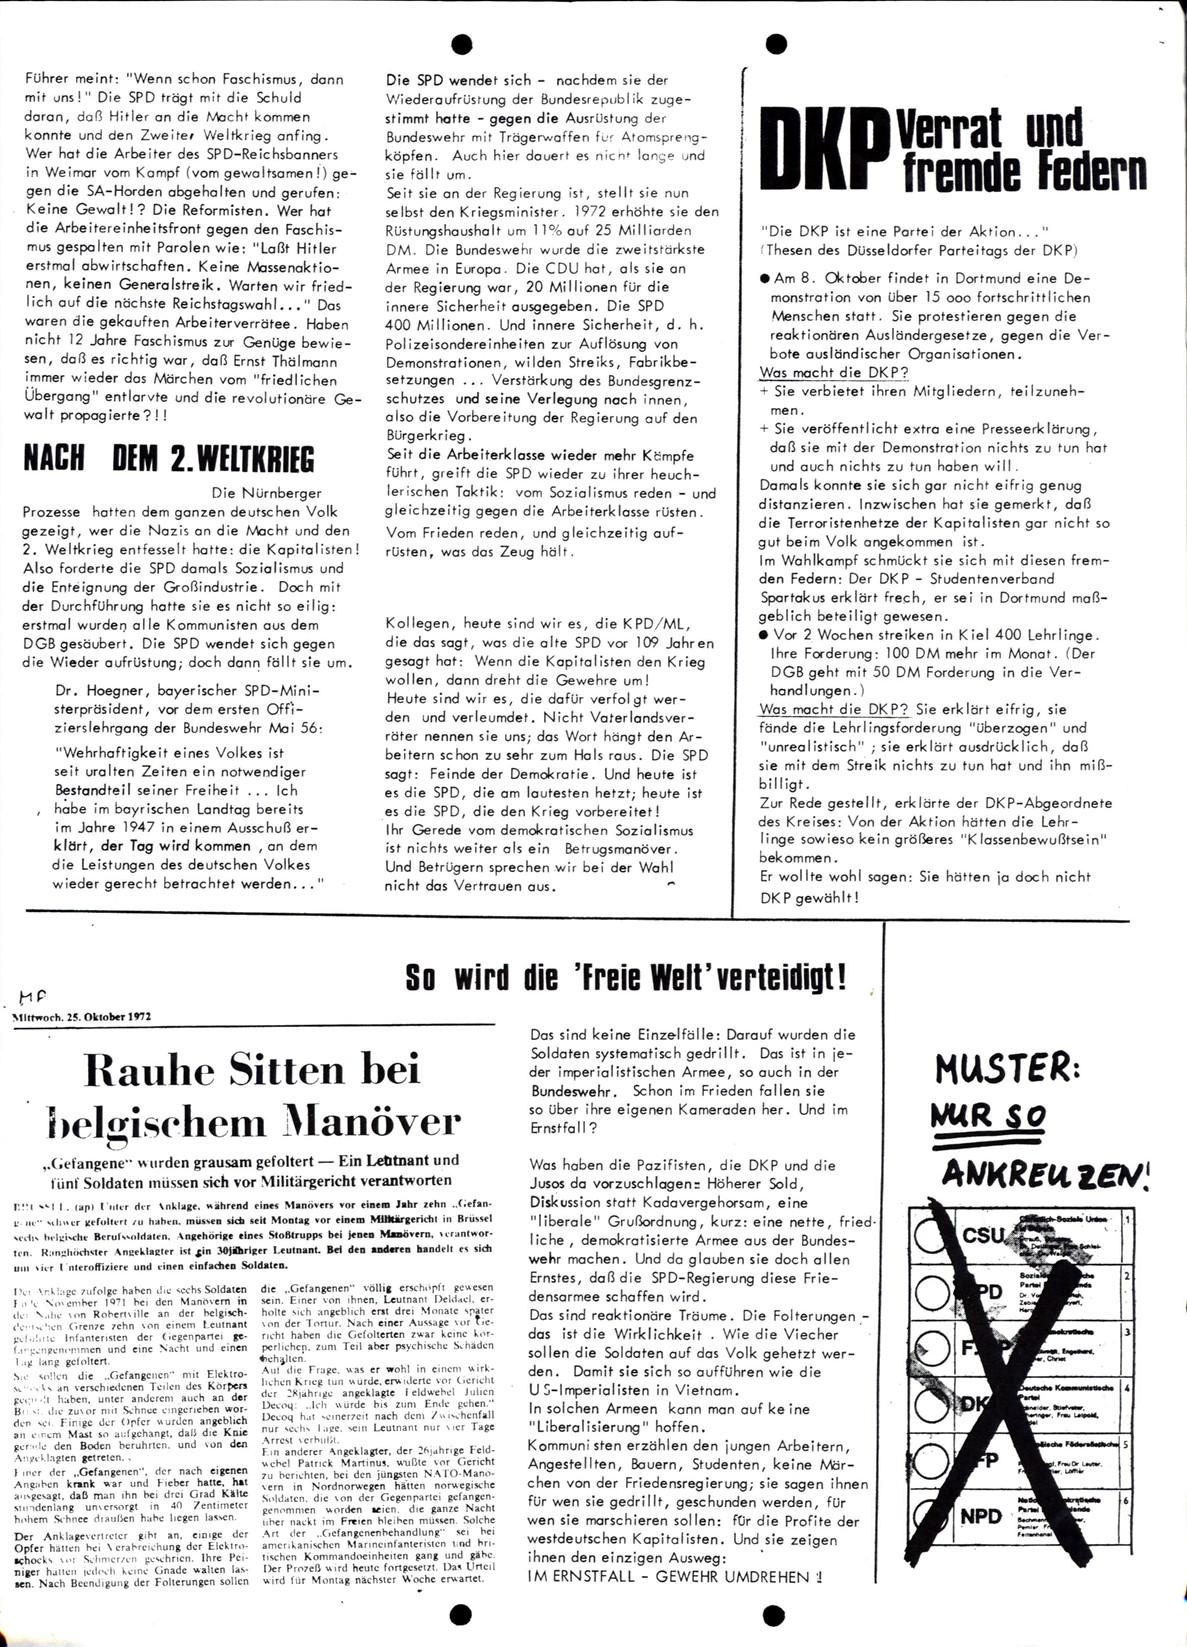 KPDML_1972_Wahlzeitung_06